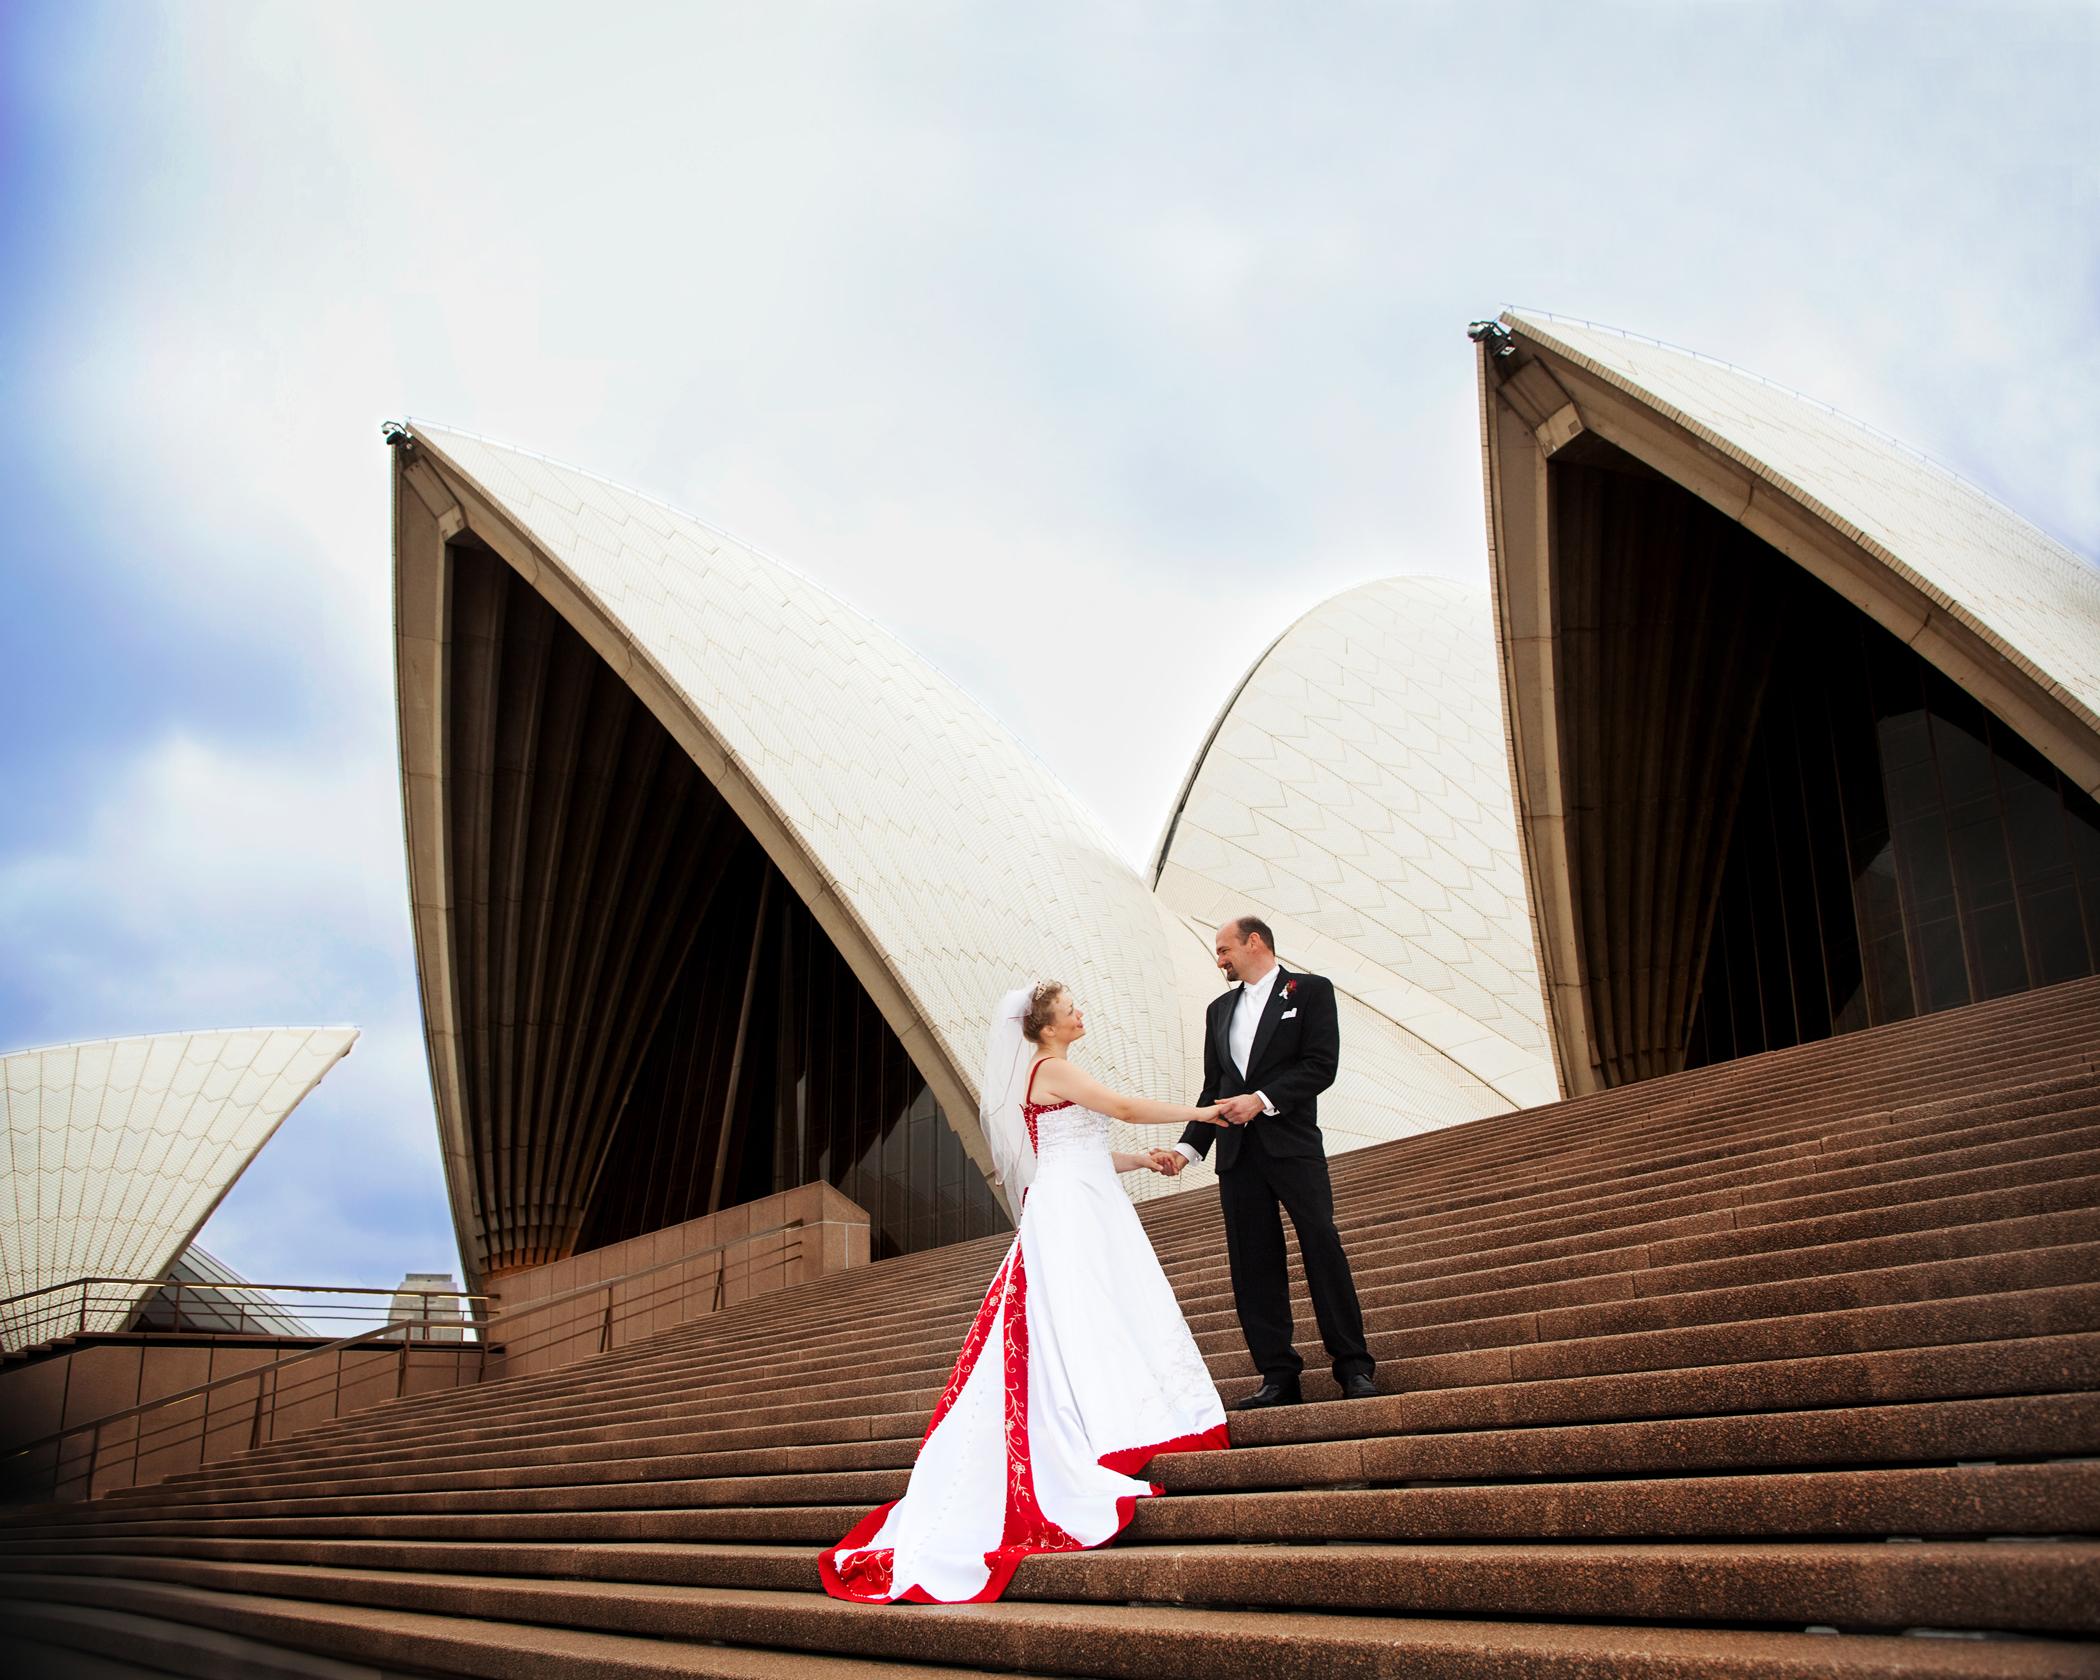 wedding-photography-Sydney-Australia-Sydney-Opera-House_14.jpg